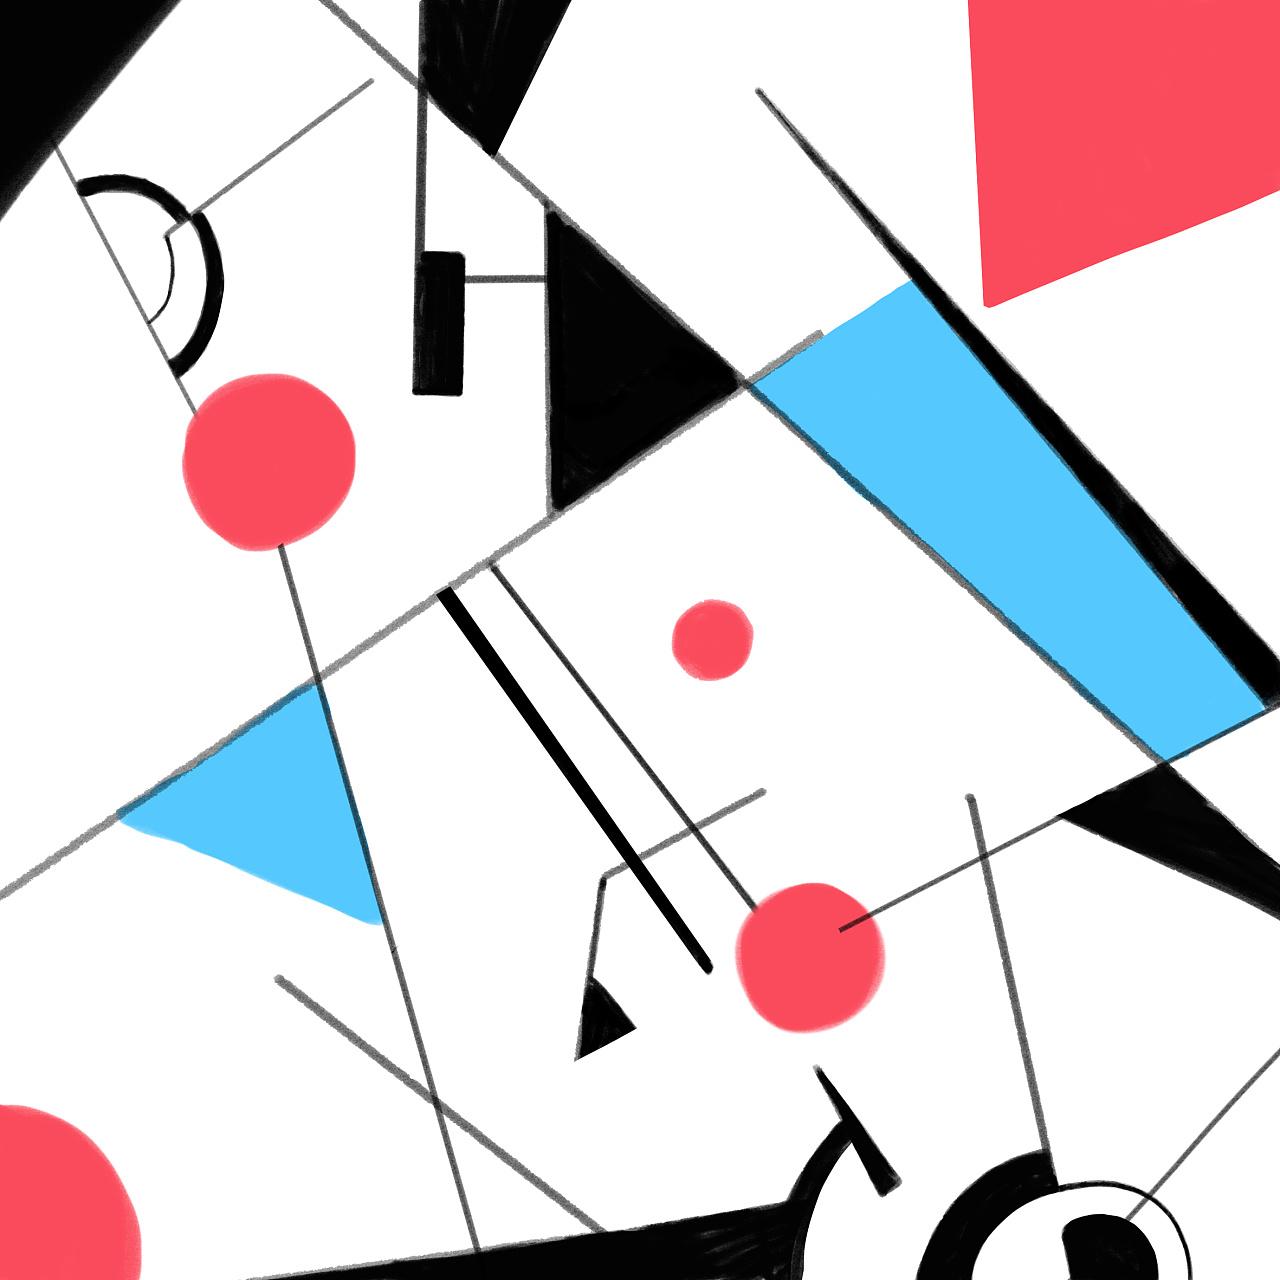 面|抽象的喜怒哀乐点线面|体现点线面的黑白画|抽象形态构成图片建筑图片